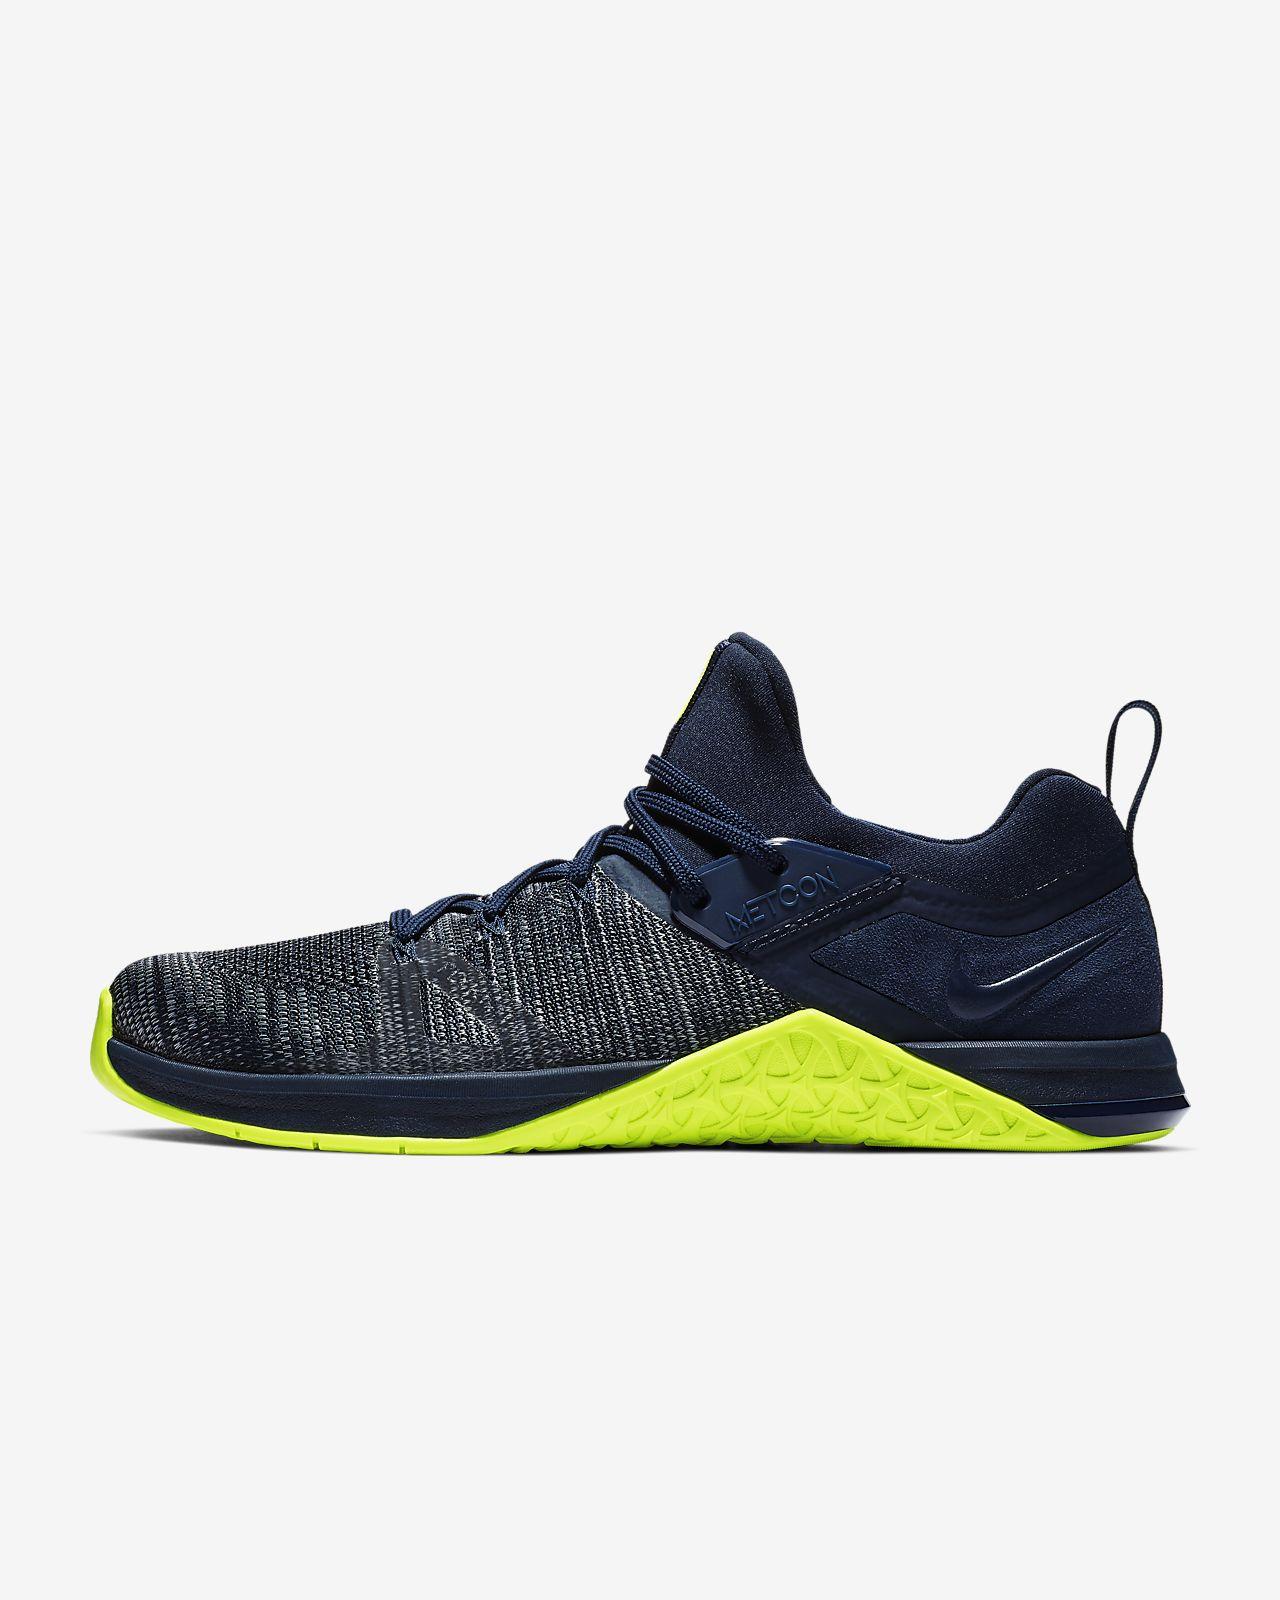 d0f1b5e007ff6 ... Nike Metcon Flyknit 3 Zapatillas de cross training y levantamiento de  pesas - Hombre